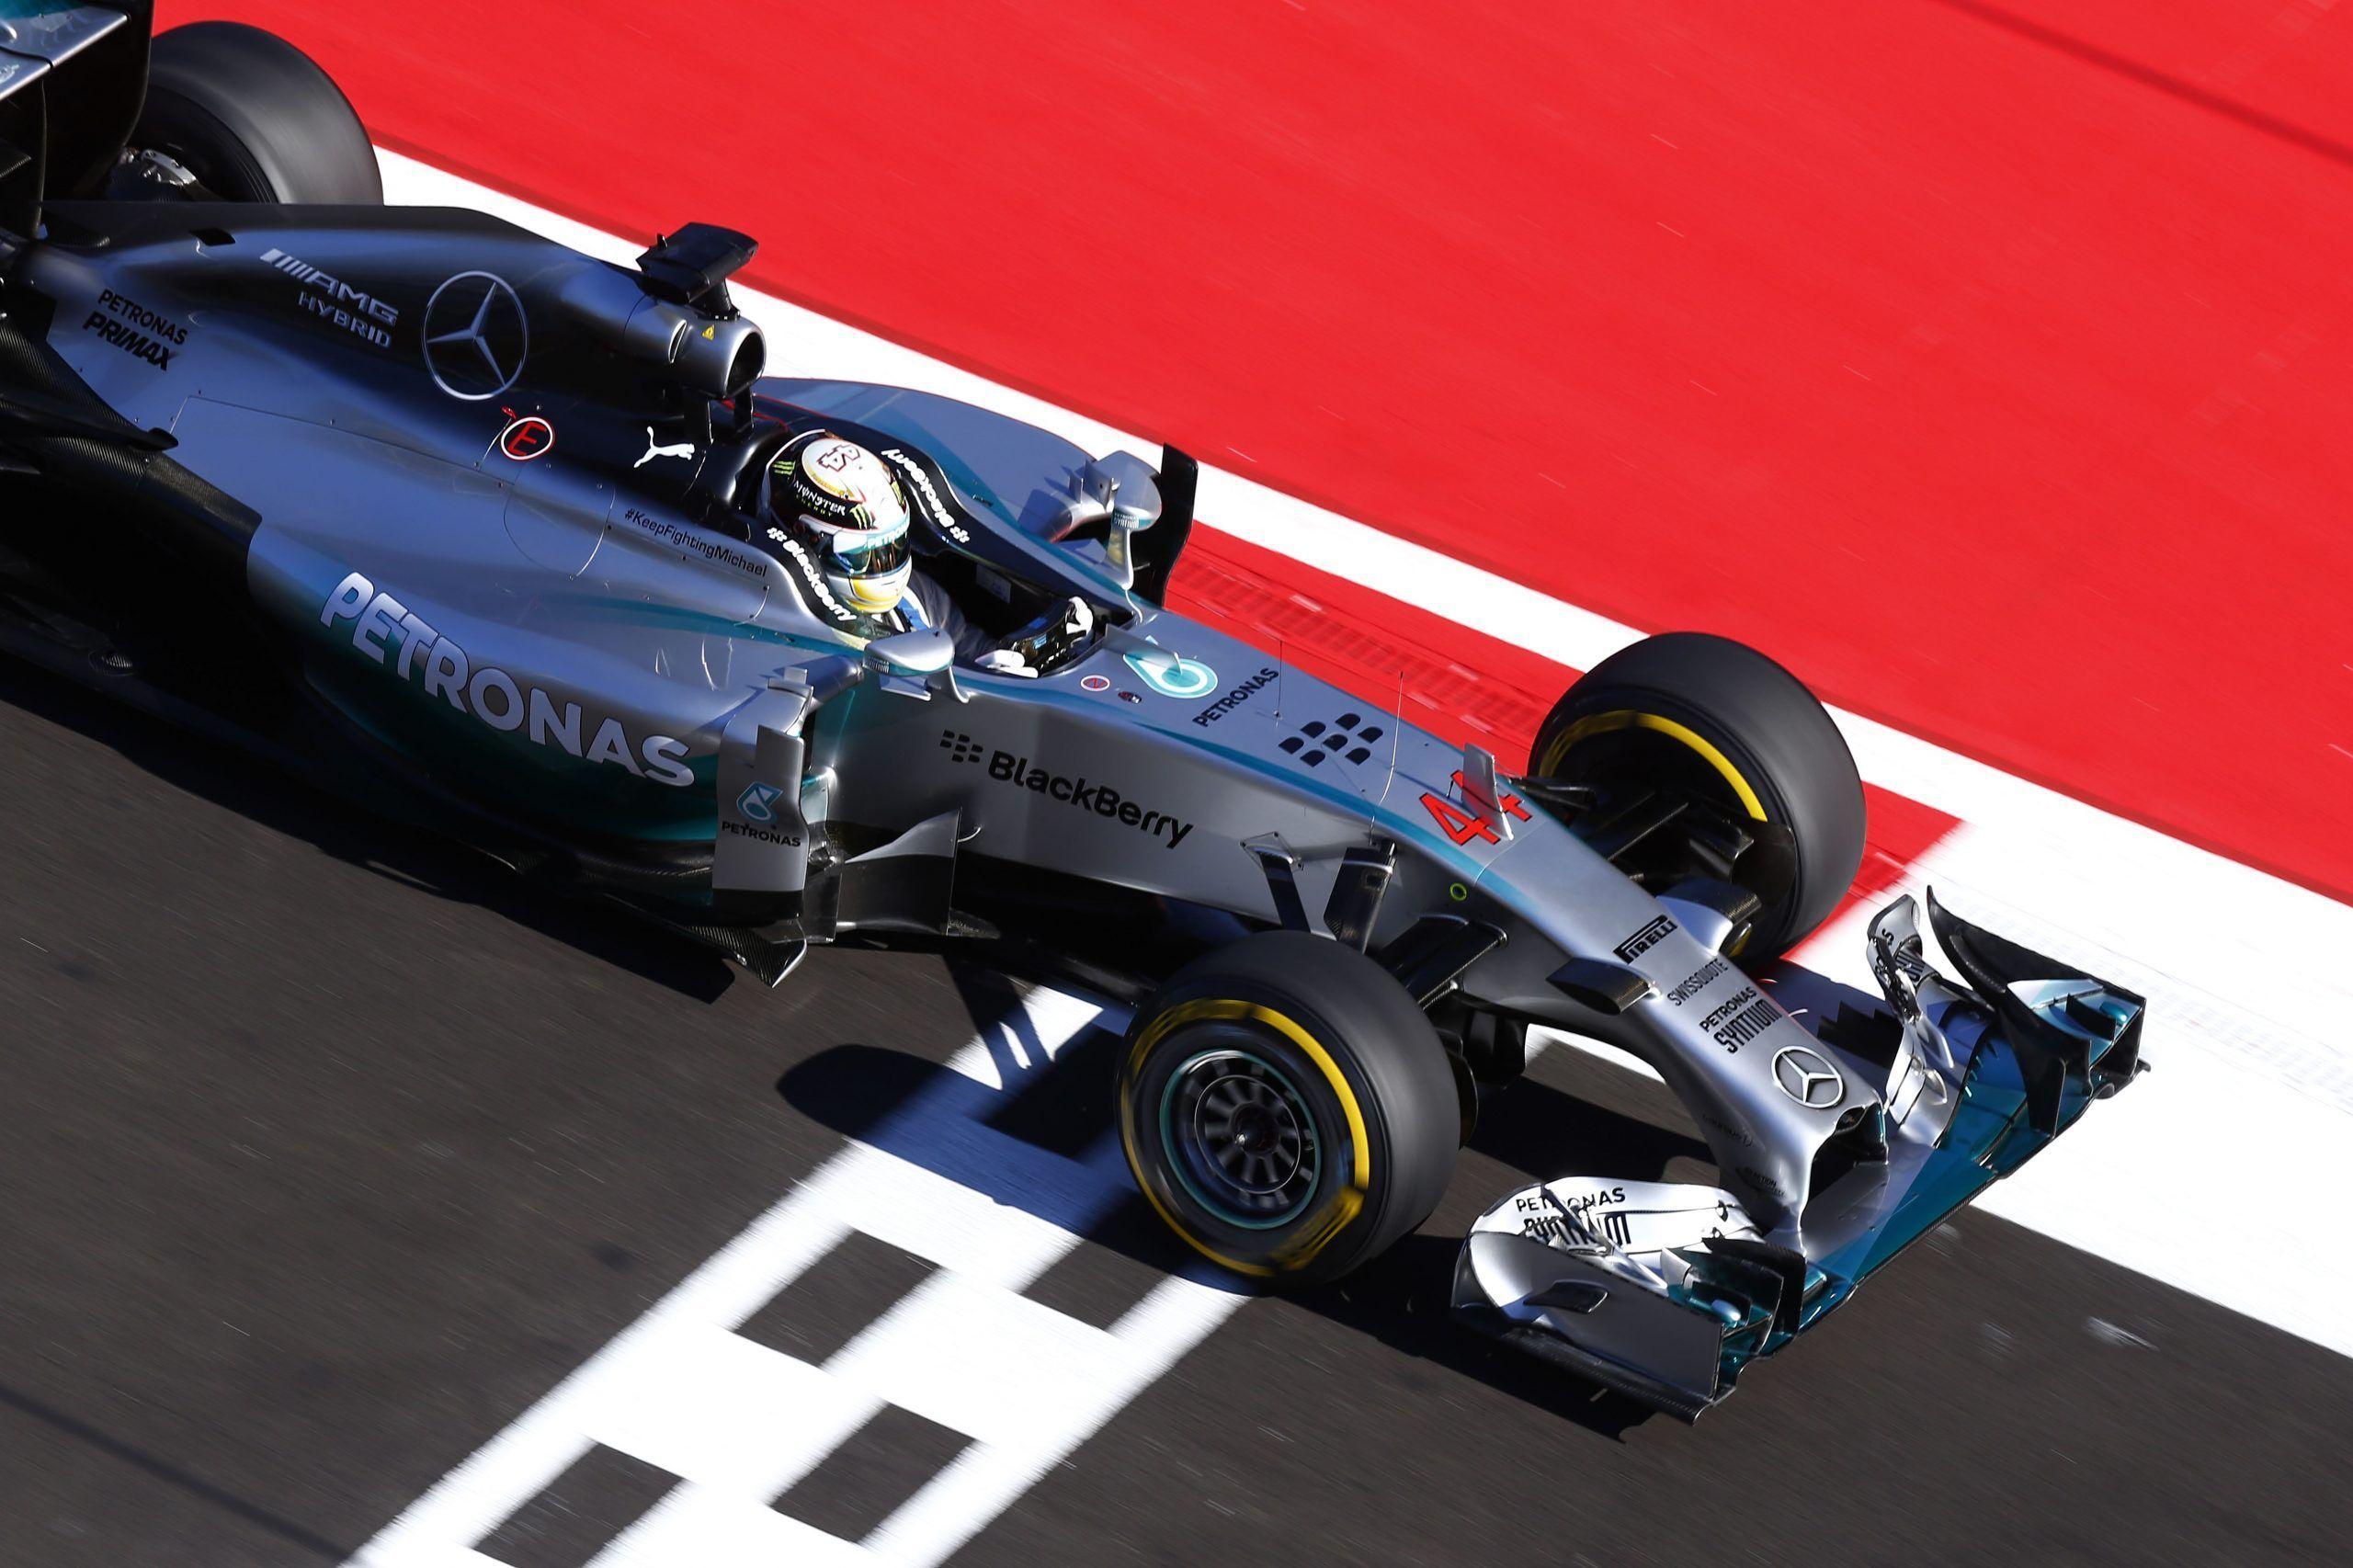 GP Russia F1 2014, gara: Hamilton vince e allunga su Rosberg